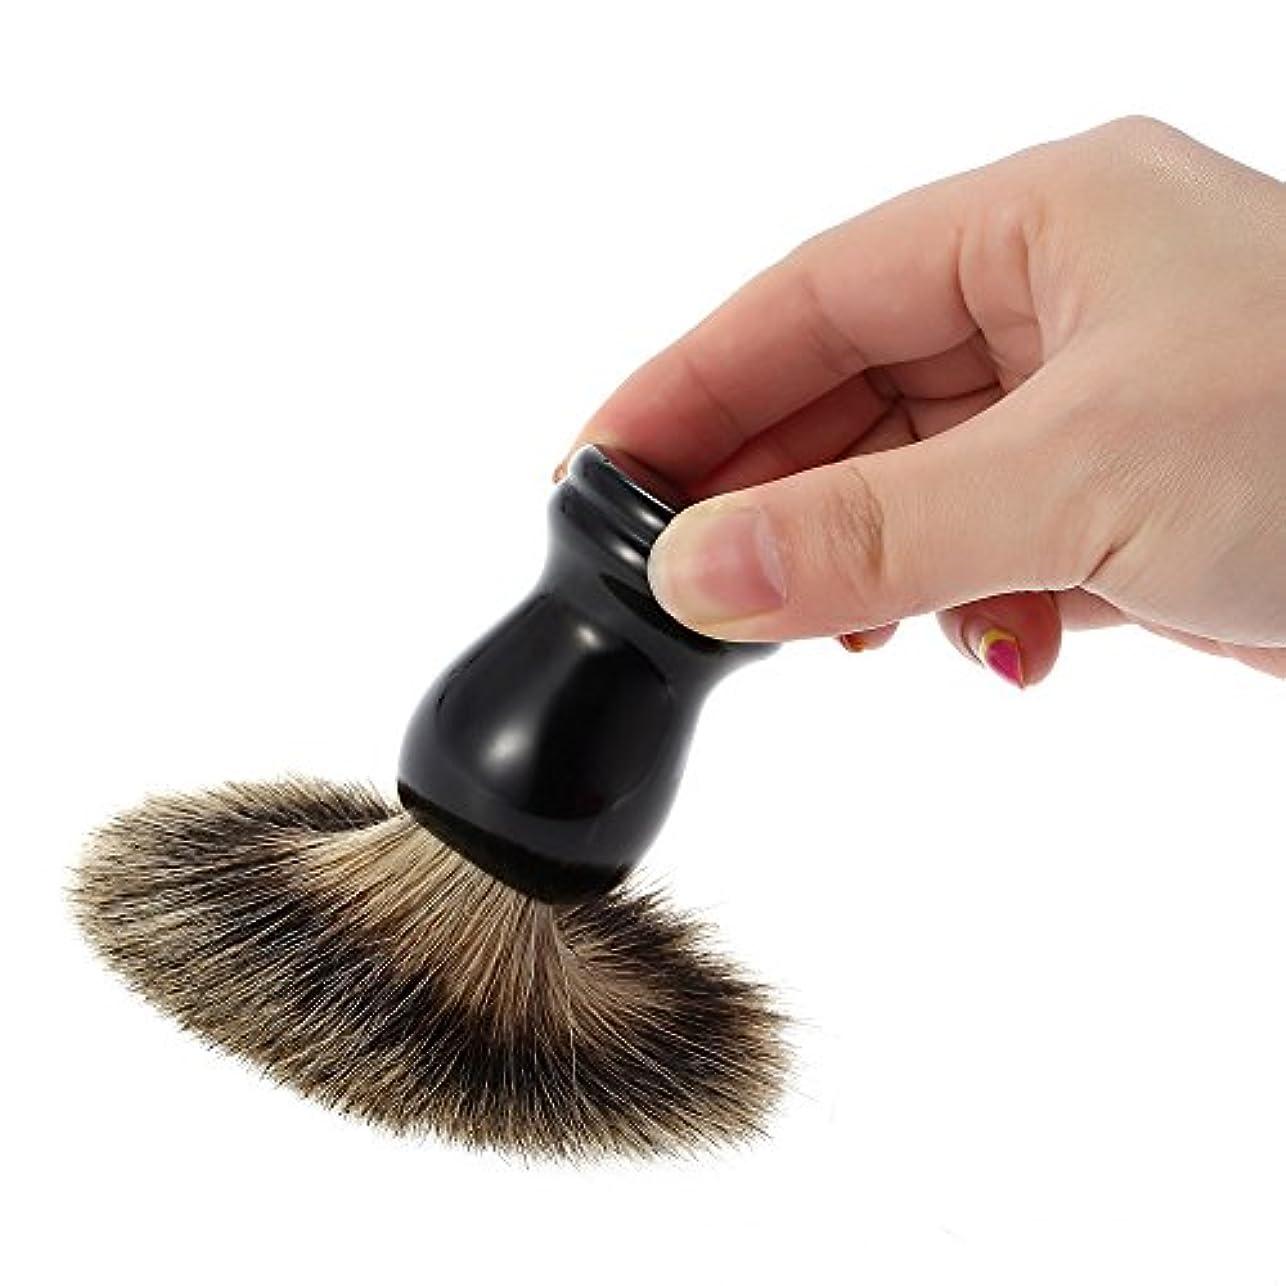 動員するメタルラインコーンウォールシェービング用ブラシ  メンズ 100% アナグマ毛   理容 洗顔 髭剃り 泡立ち